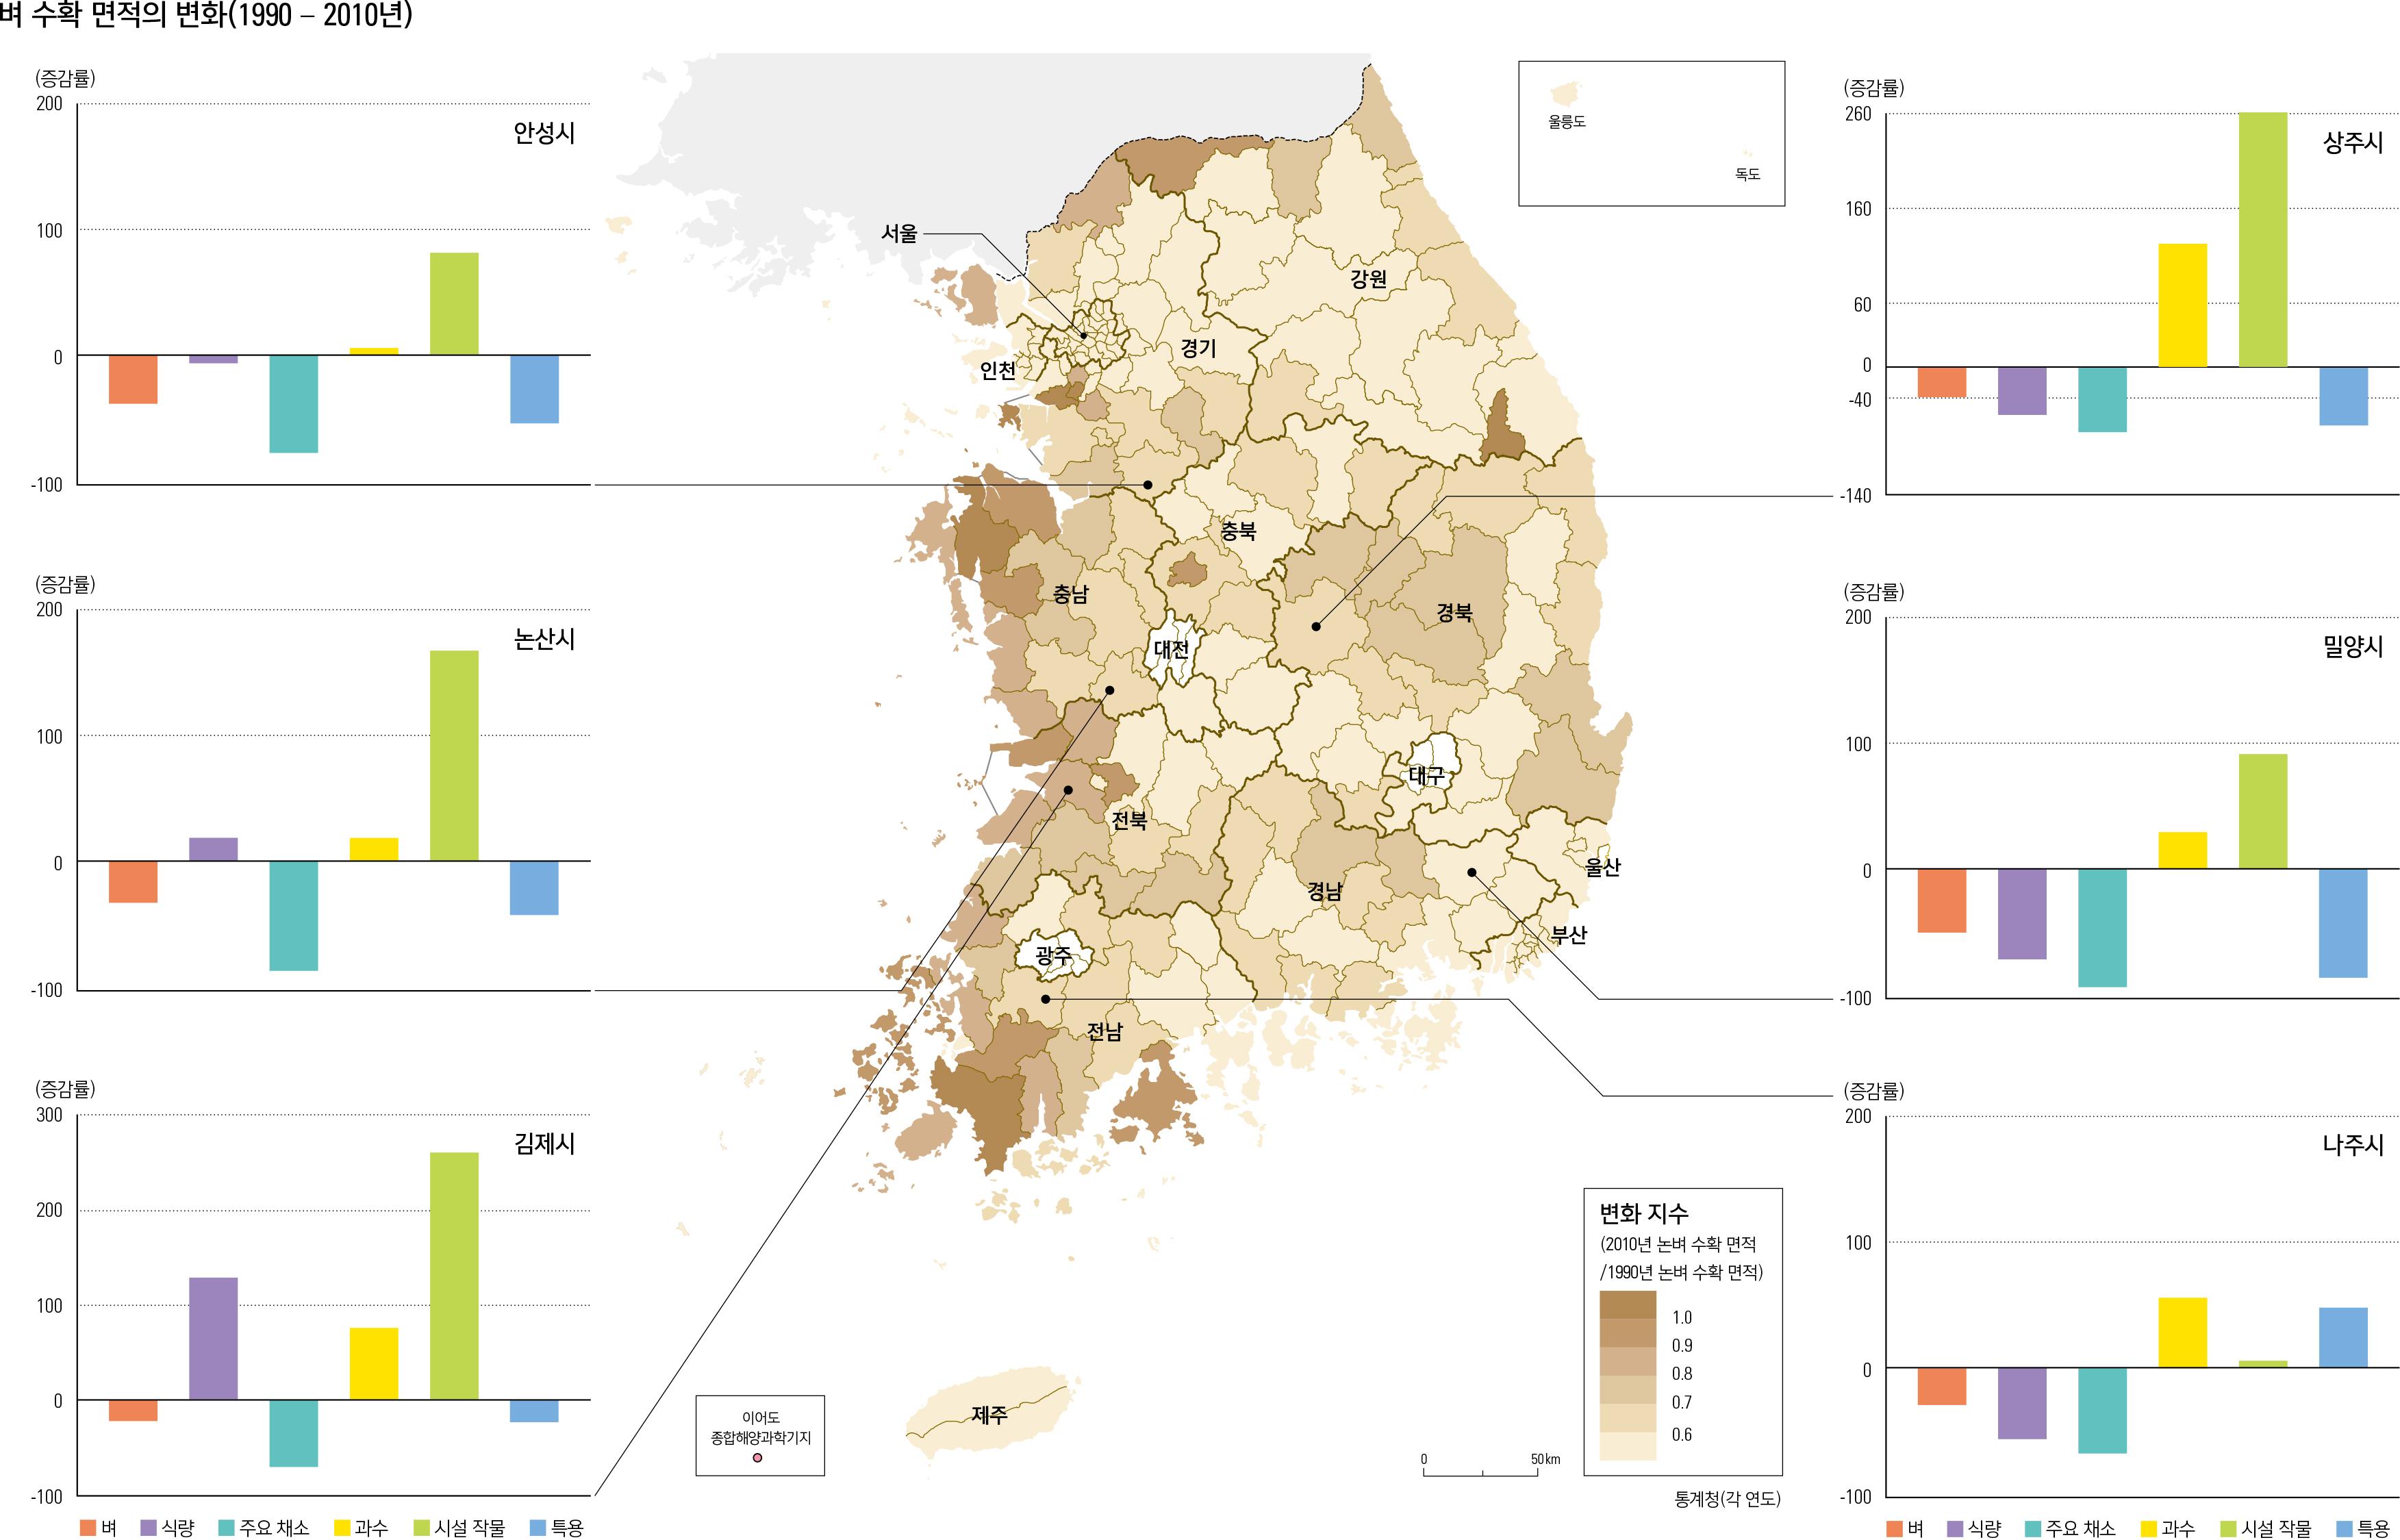 벼 수확 면적의 변화(1990 – 2010년)